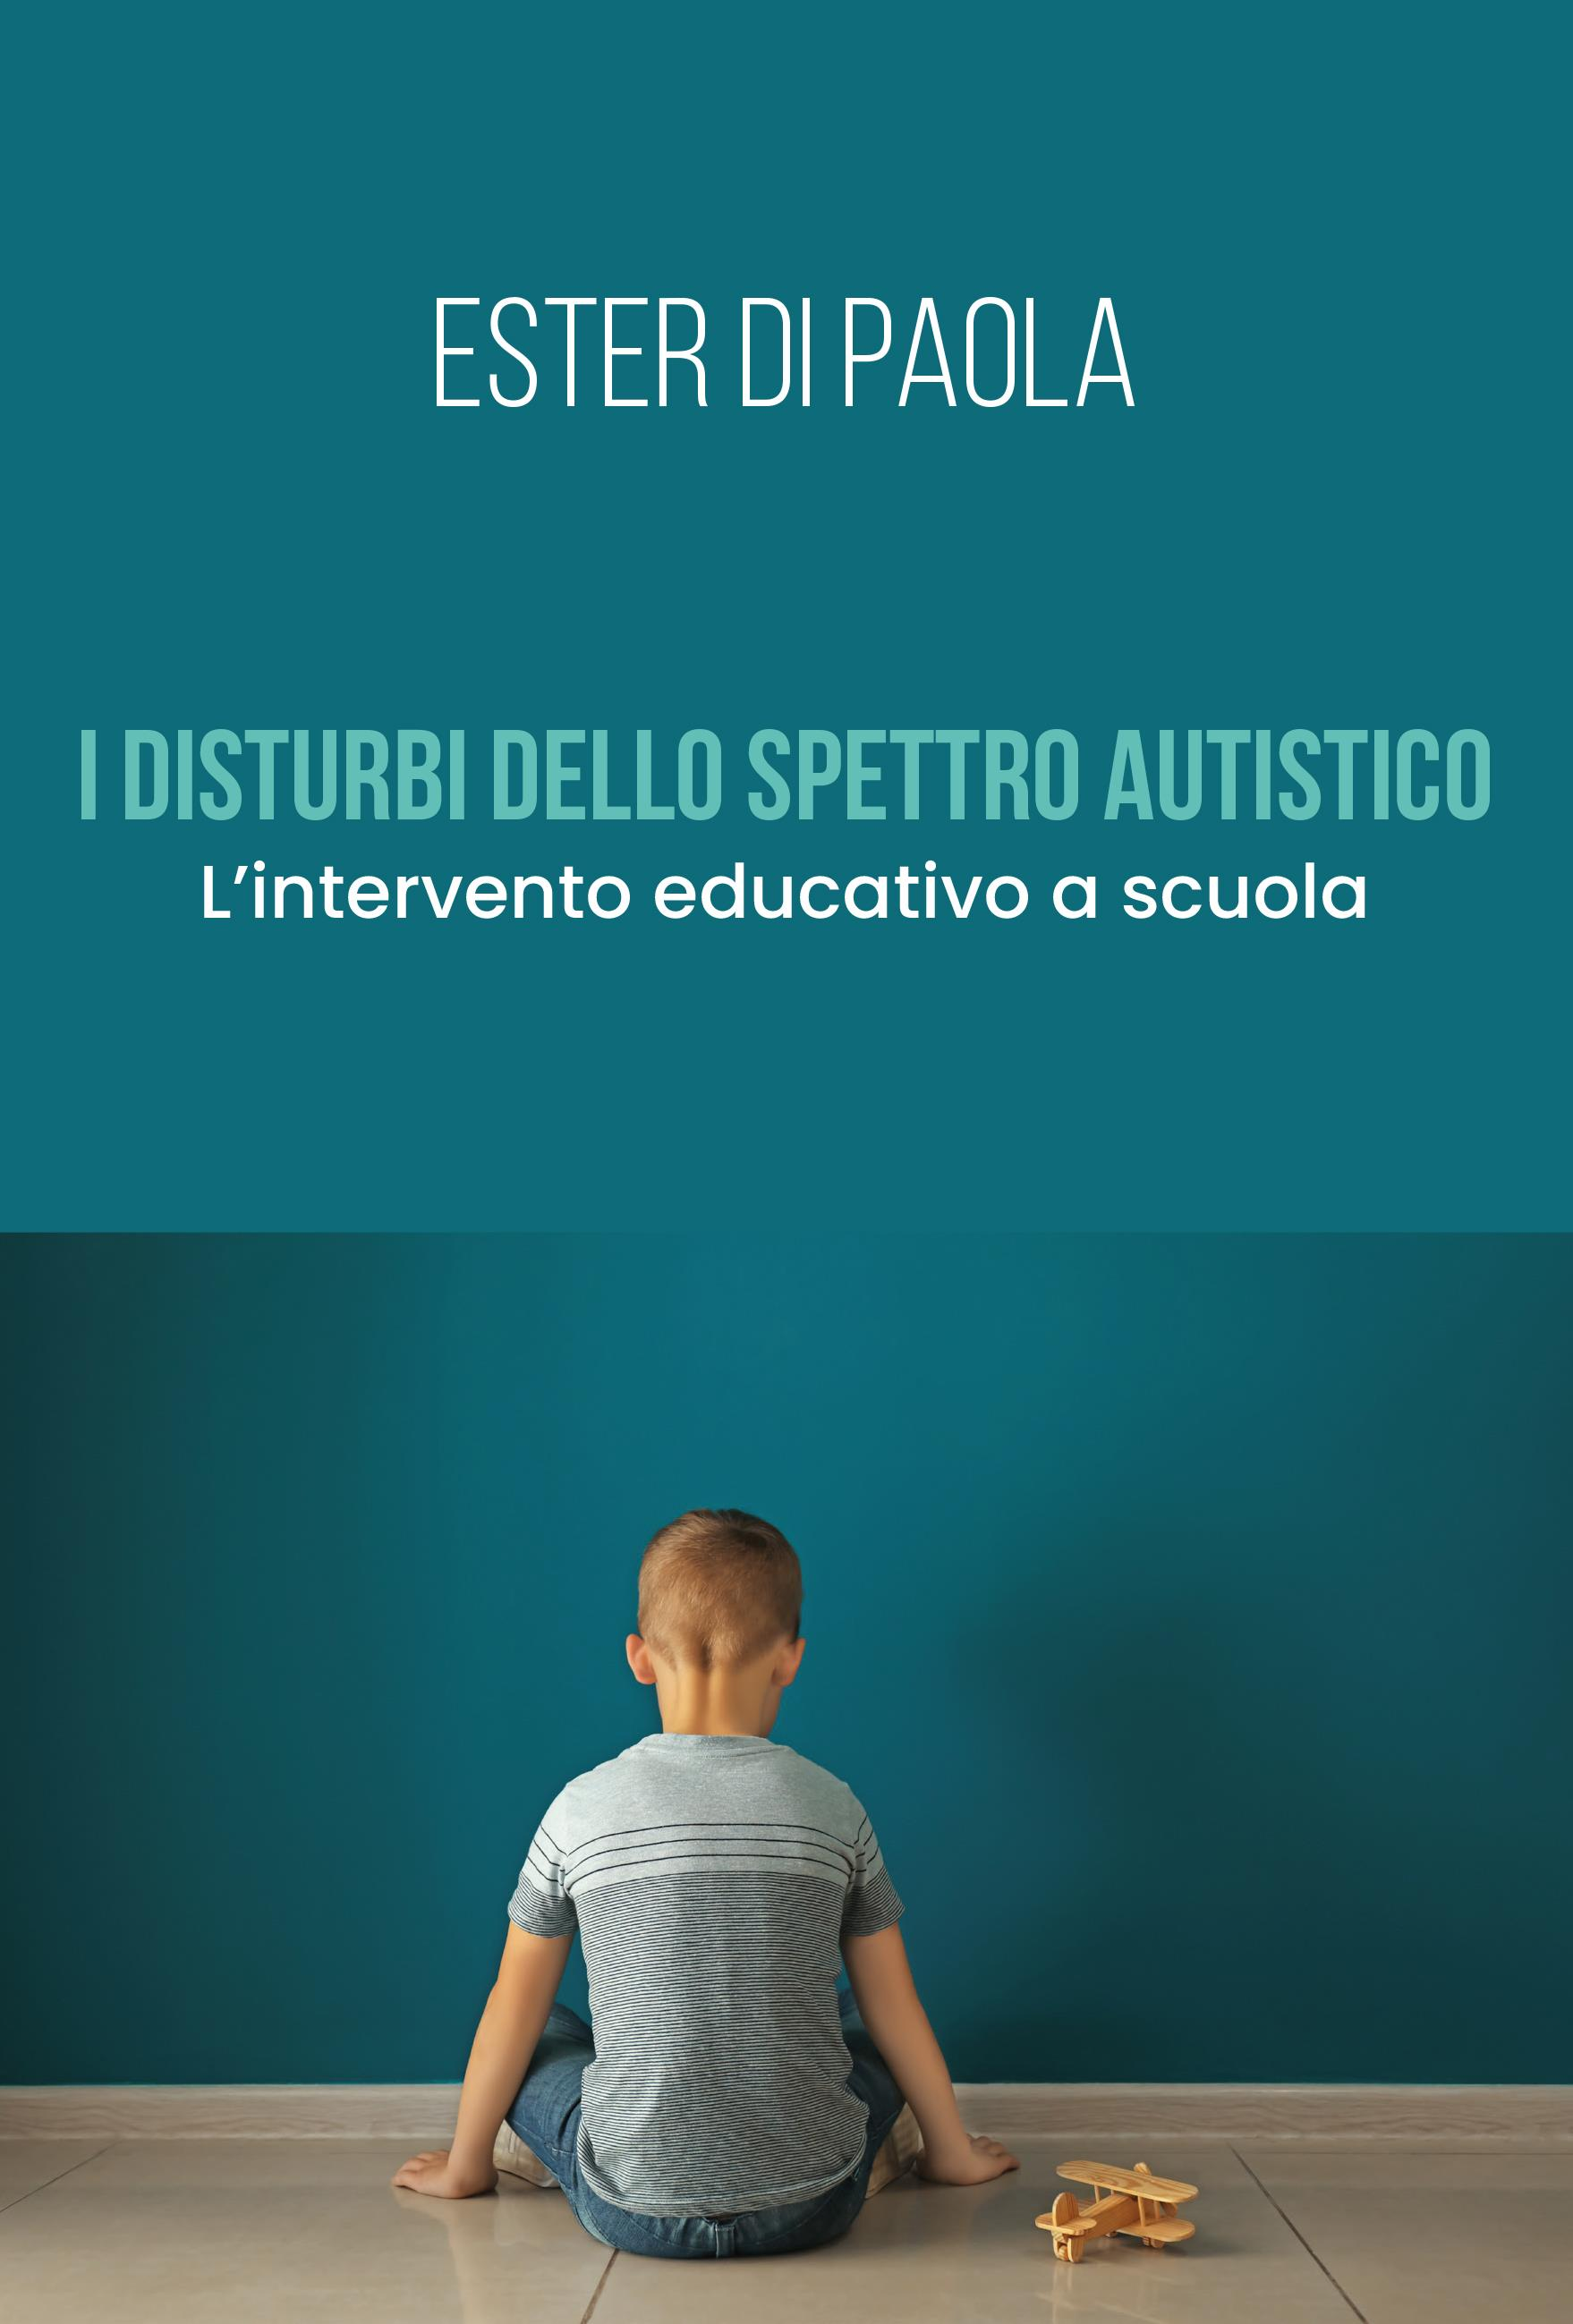 I disturbi dello spettro autistico. L'intervento educativo a scuola